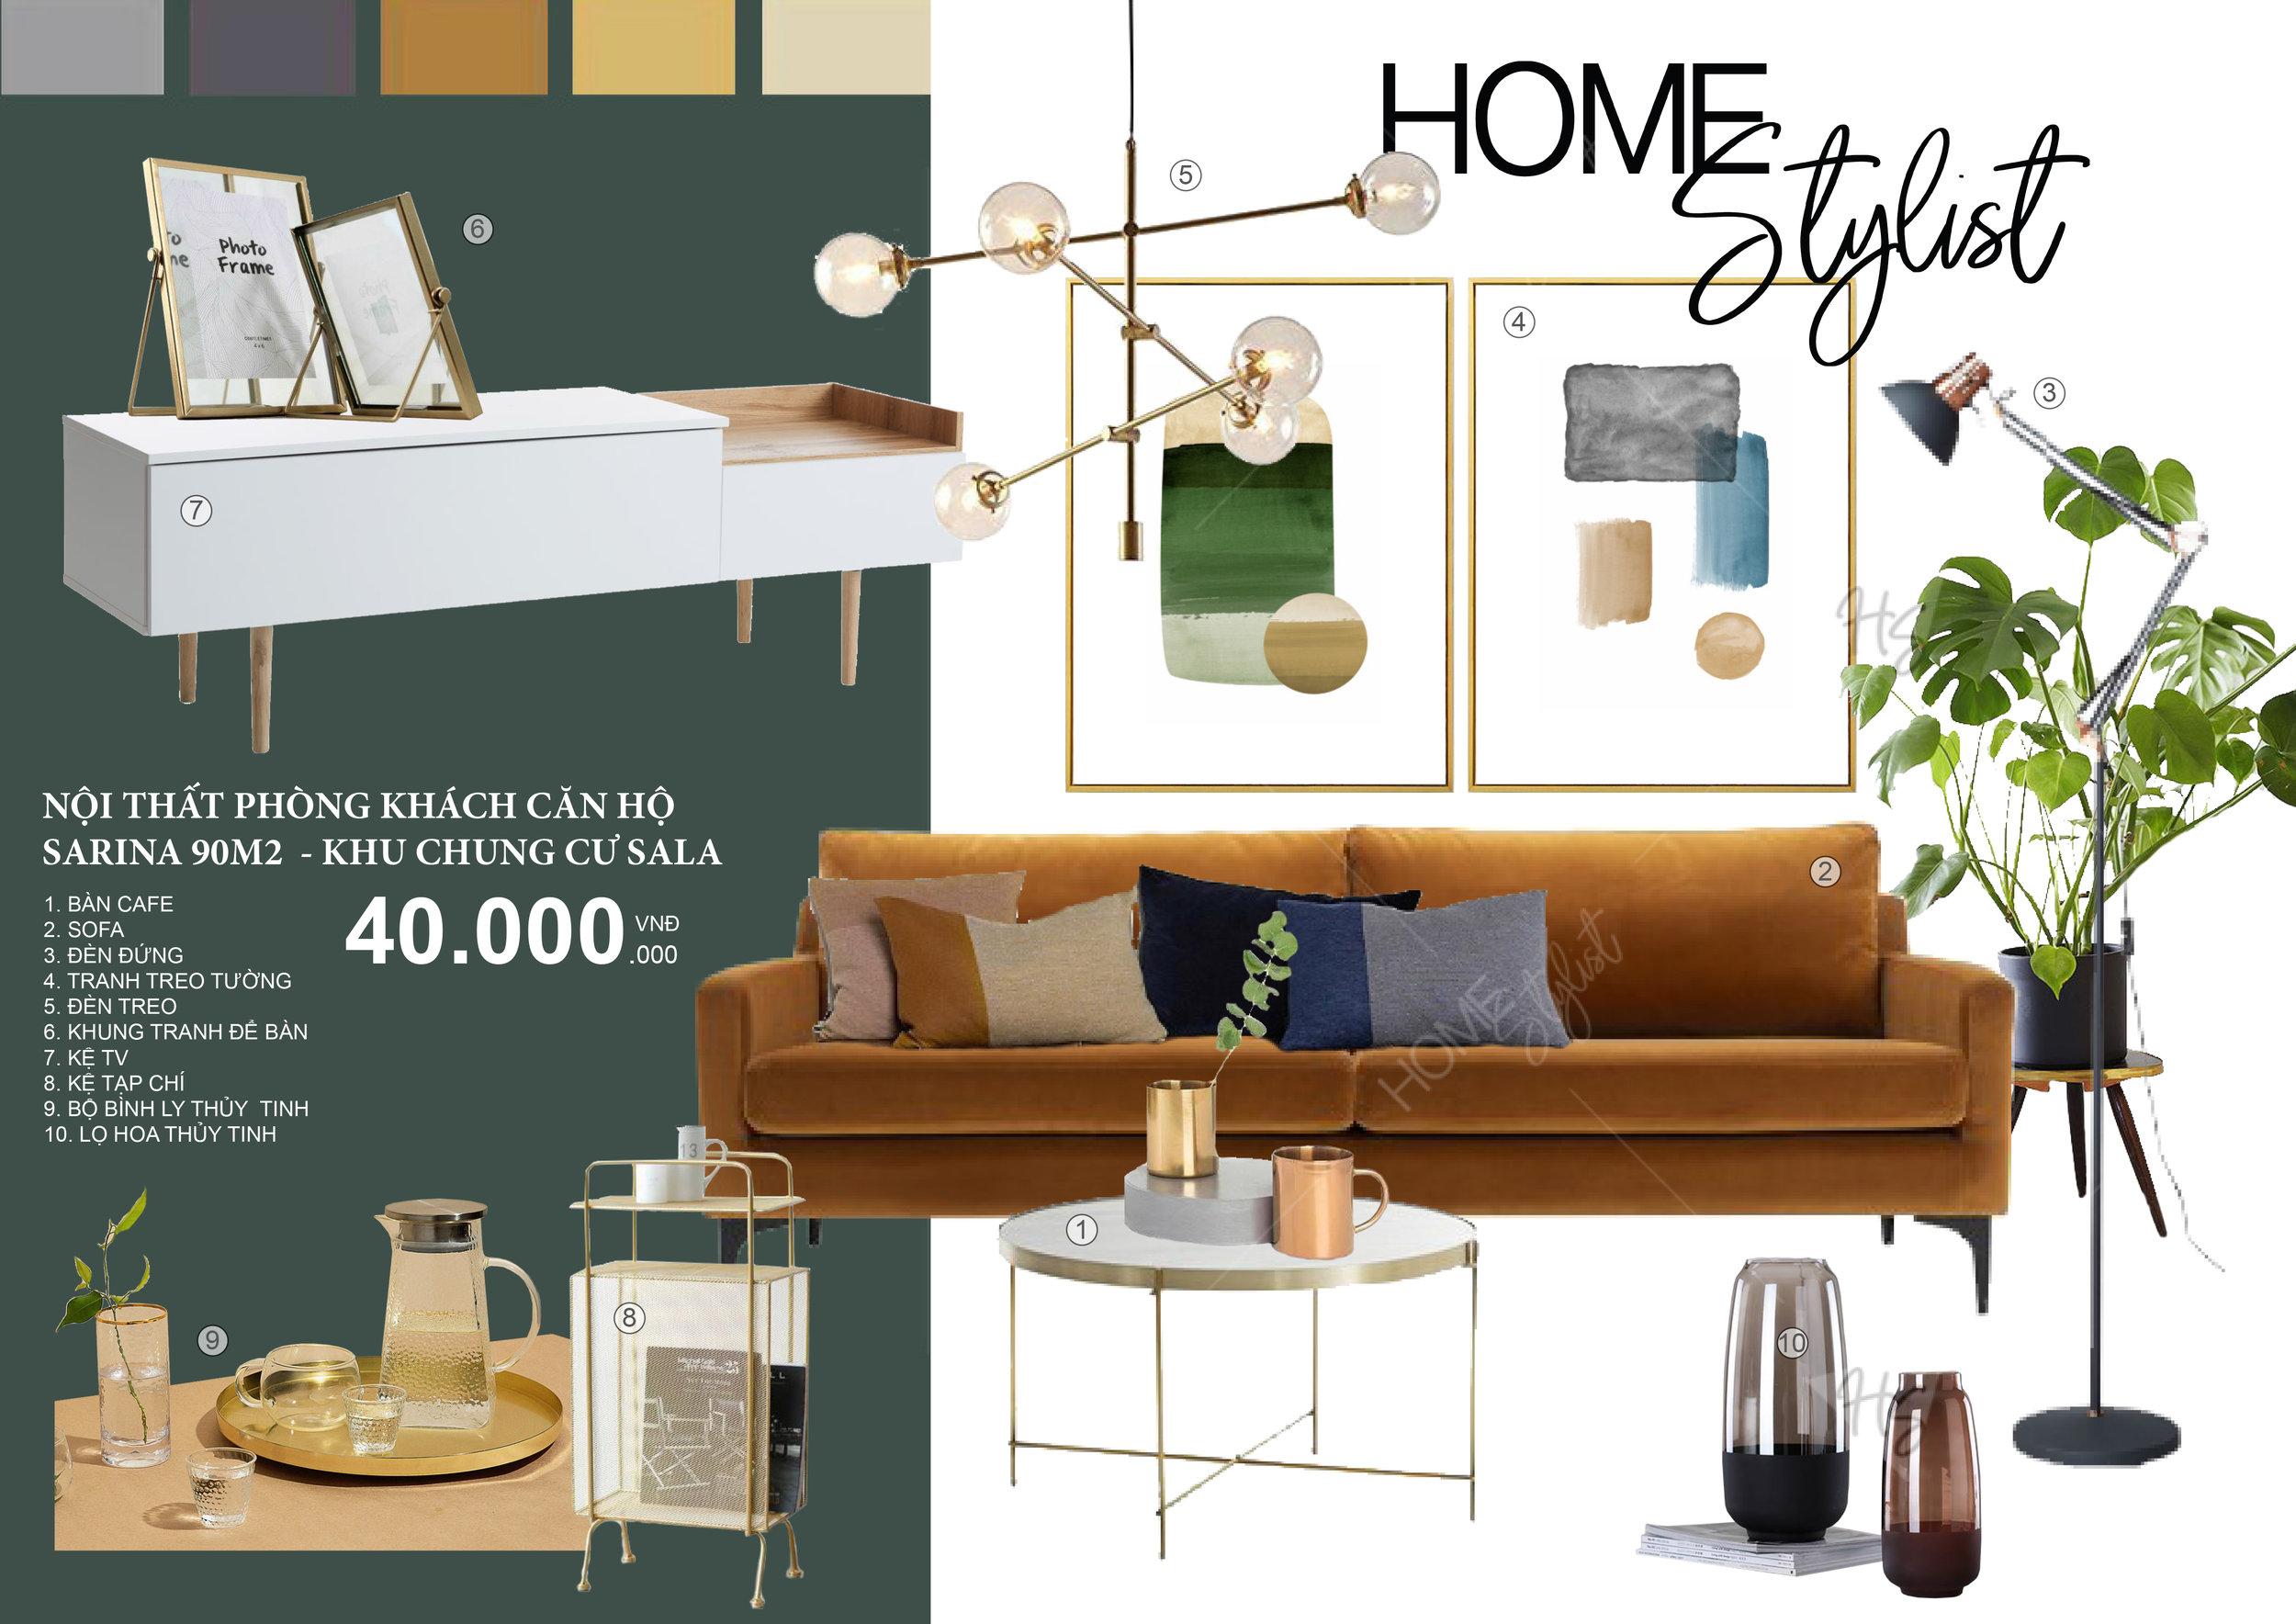 tham khảo DỊCH VỤ HOME STYLING - Nếu bạn đang sở hữu một căn nhà và mong muốn cải tạo không gian sống, hoặc đang kinh doanh dịch vụ nhà ở, bạn muốn gây ấn tượng với khách hàng với không gian tiện nghi và thẩm mỹ cao, hãy tham khảo dịch vụ Home Styling của chúng tôi tại website https://www.homestylistvn.com